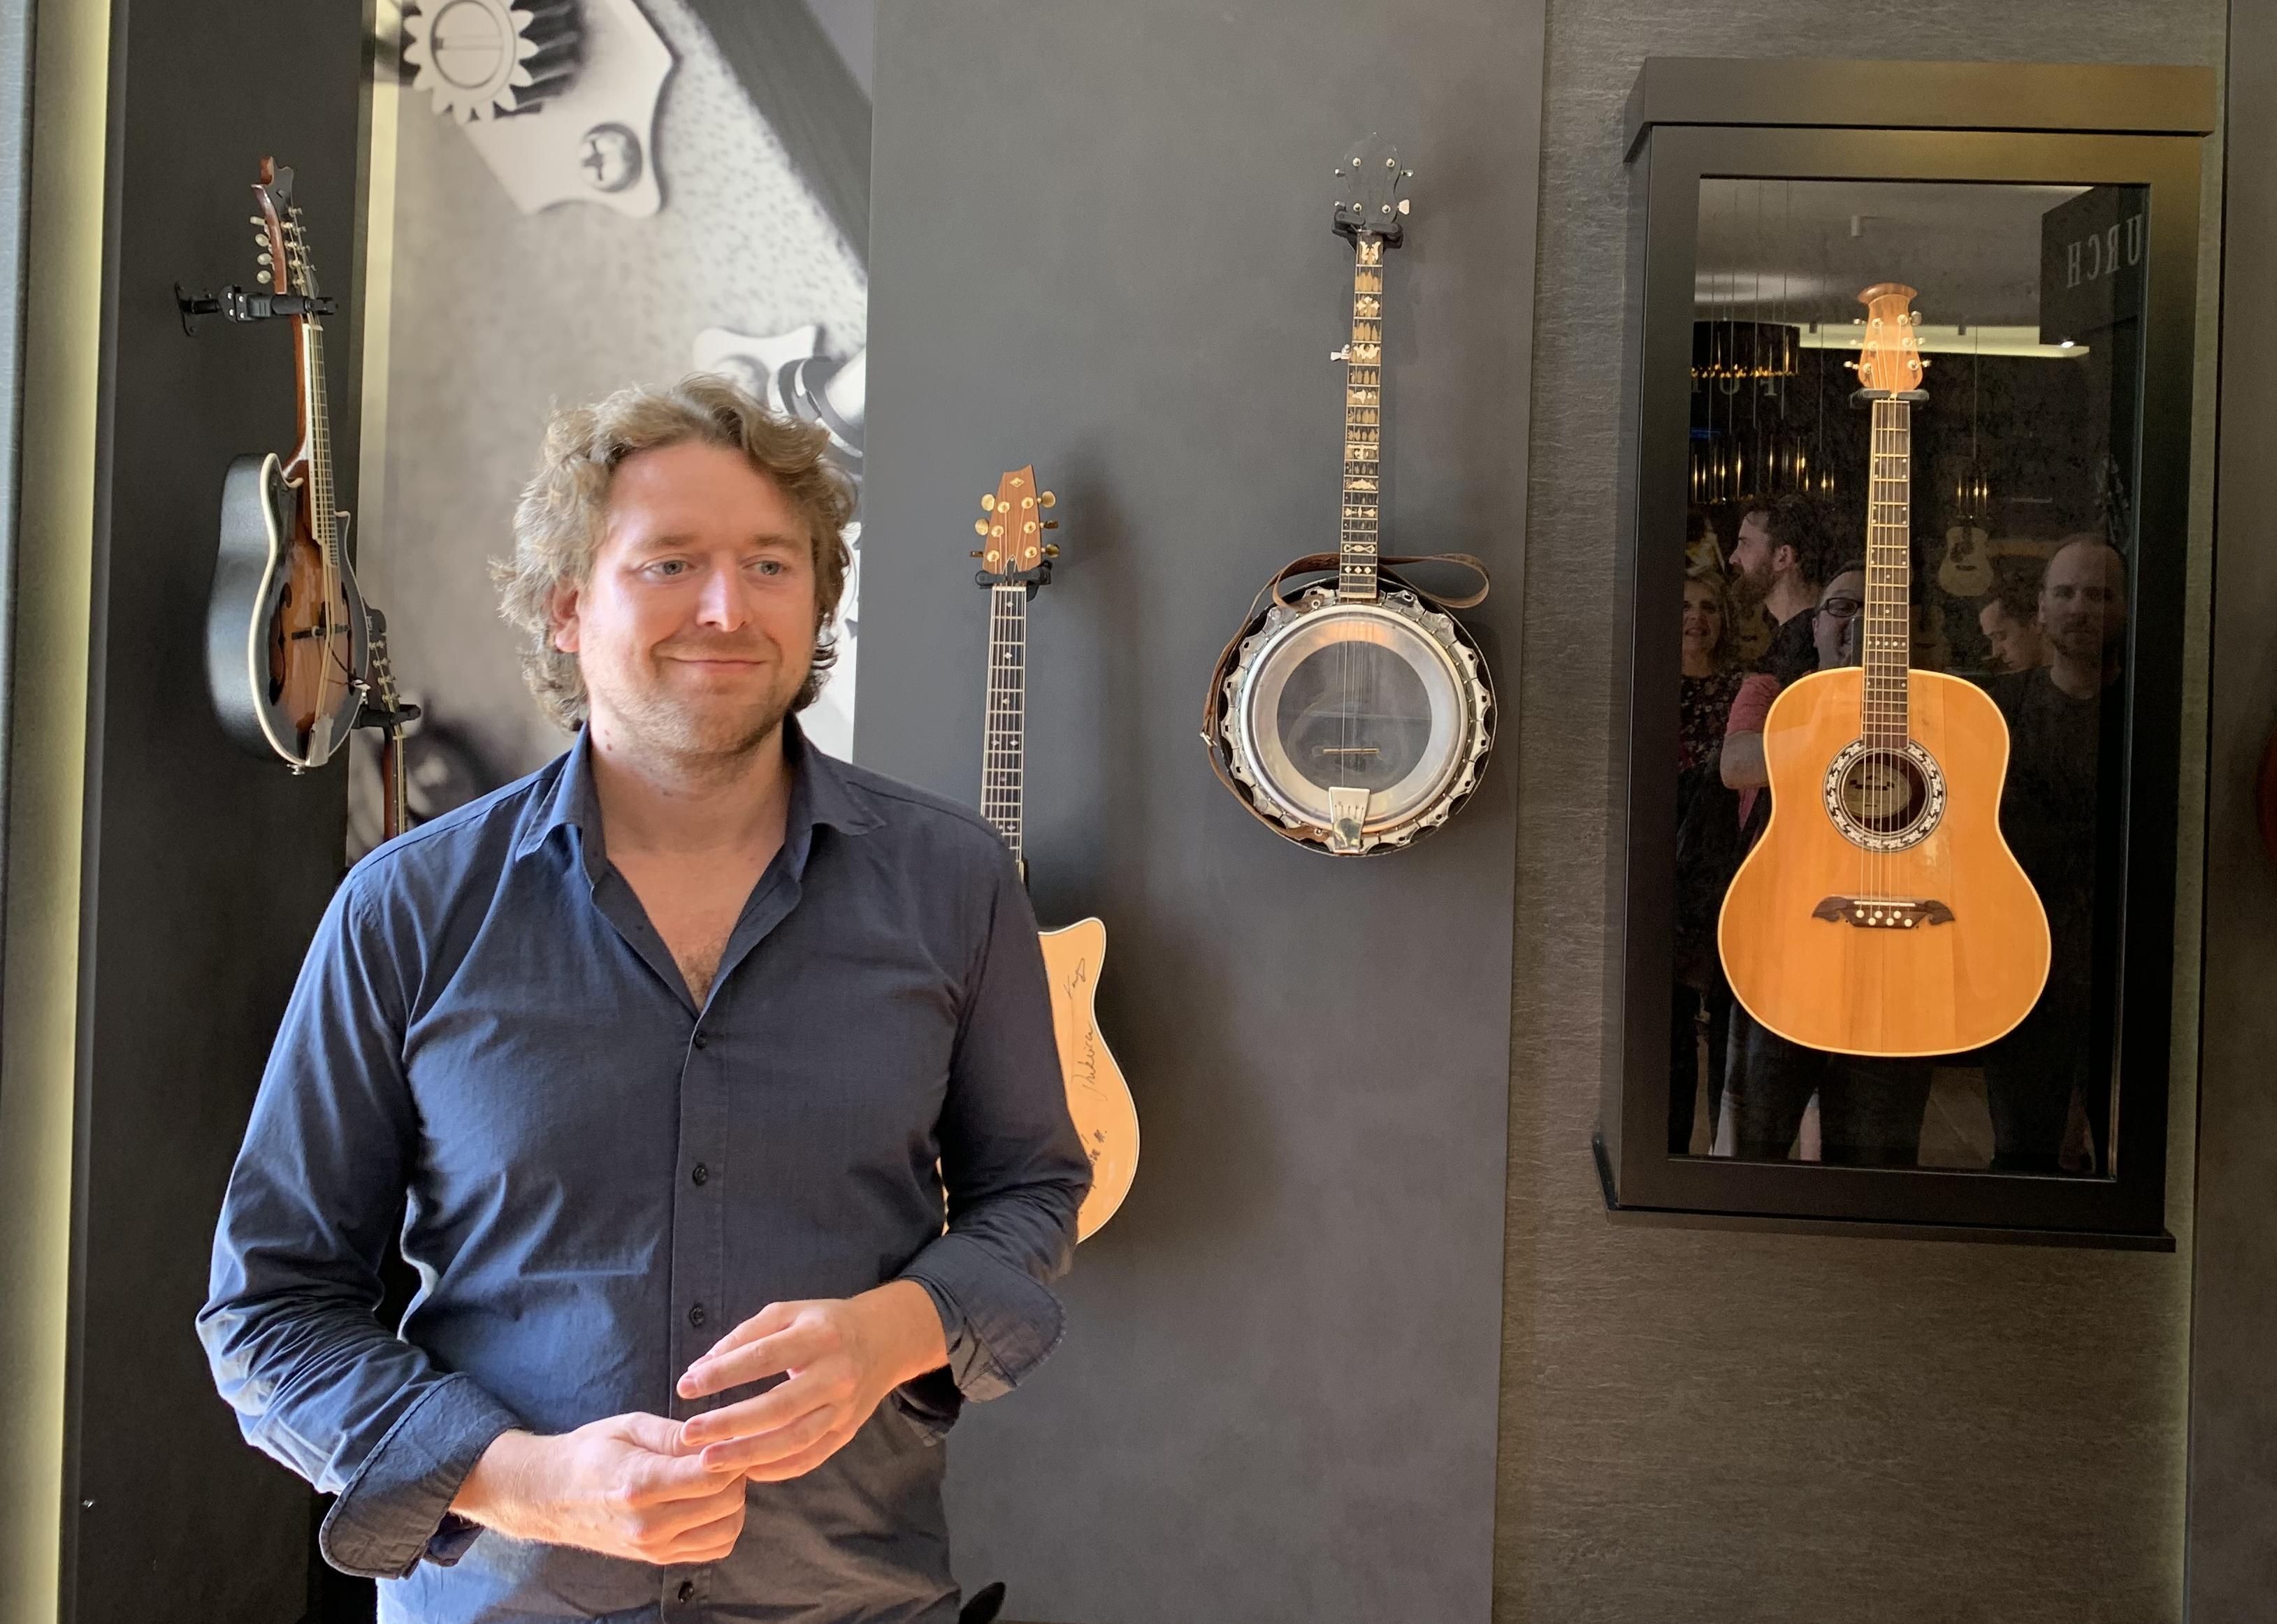 Visite showroom et usine Furch Guitars et interviews revendeurs français